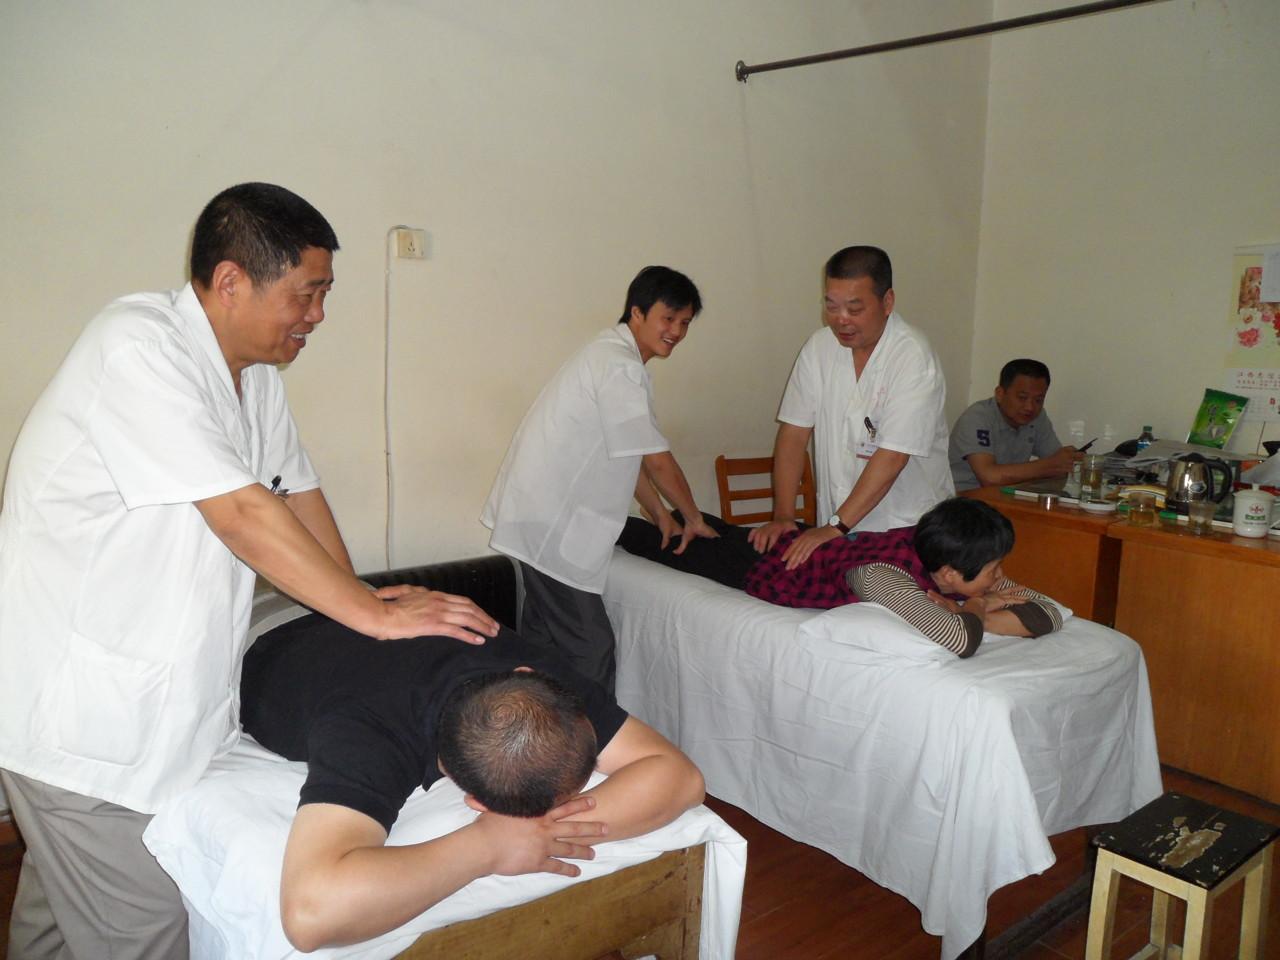 Kinesisk massage kön